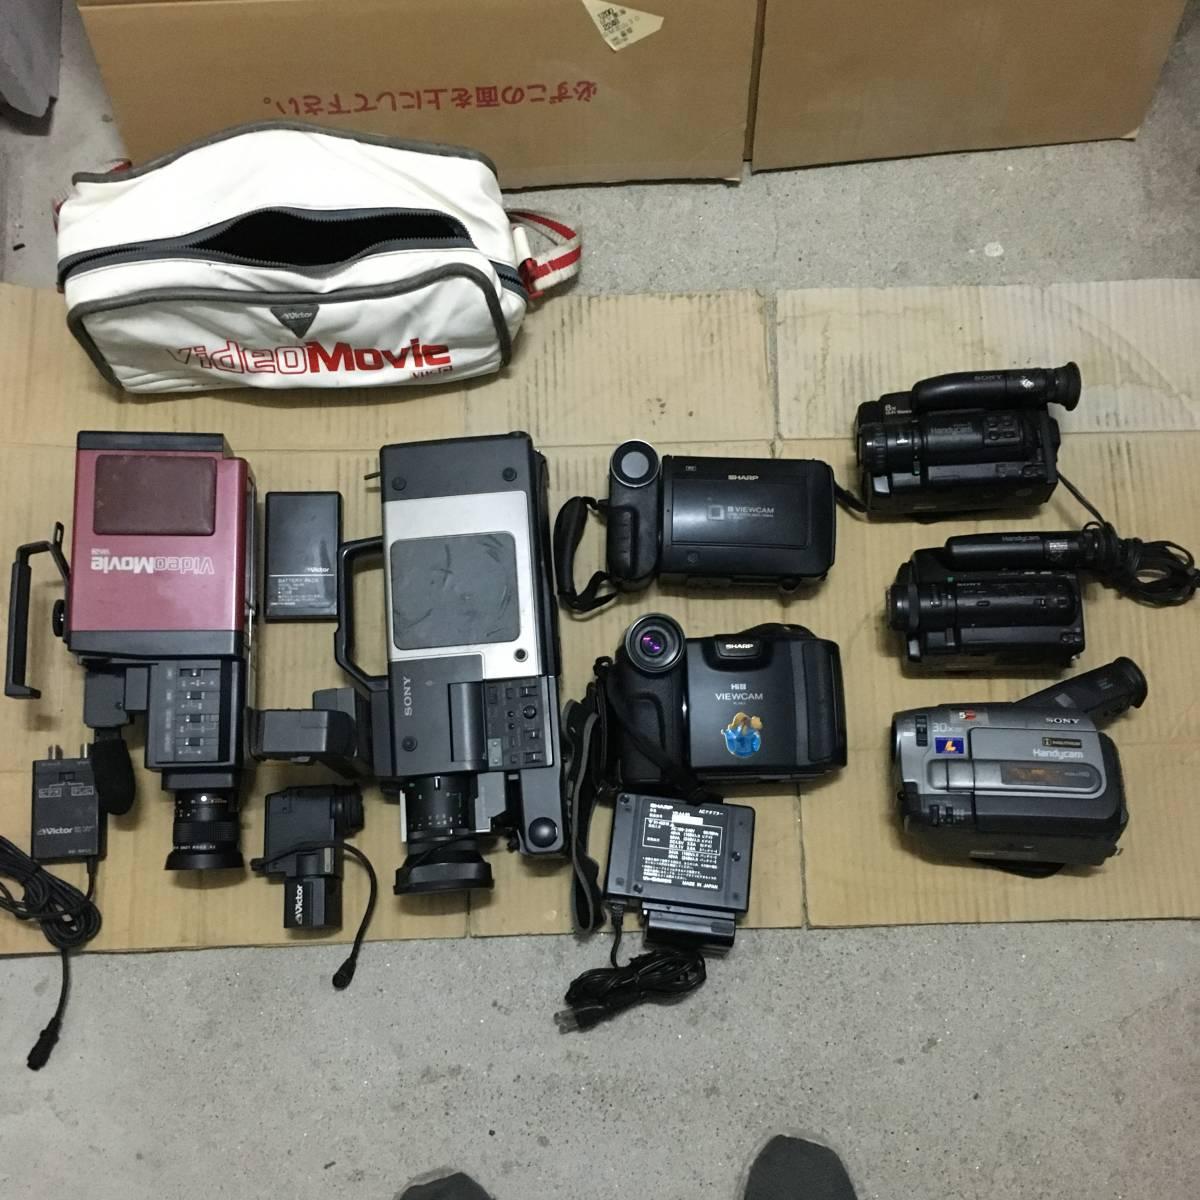 ビデオカメラ(41) 機種色々 Victor(VideoMovie) SONY(Video8,Handycam 3台) SHARP(Viewcam 2台)など まとめて 7台 部品取り ジャンク品_画像4